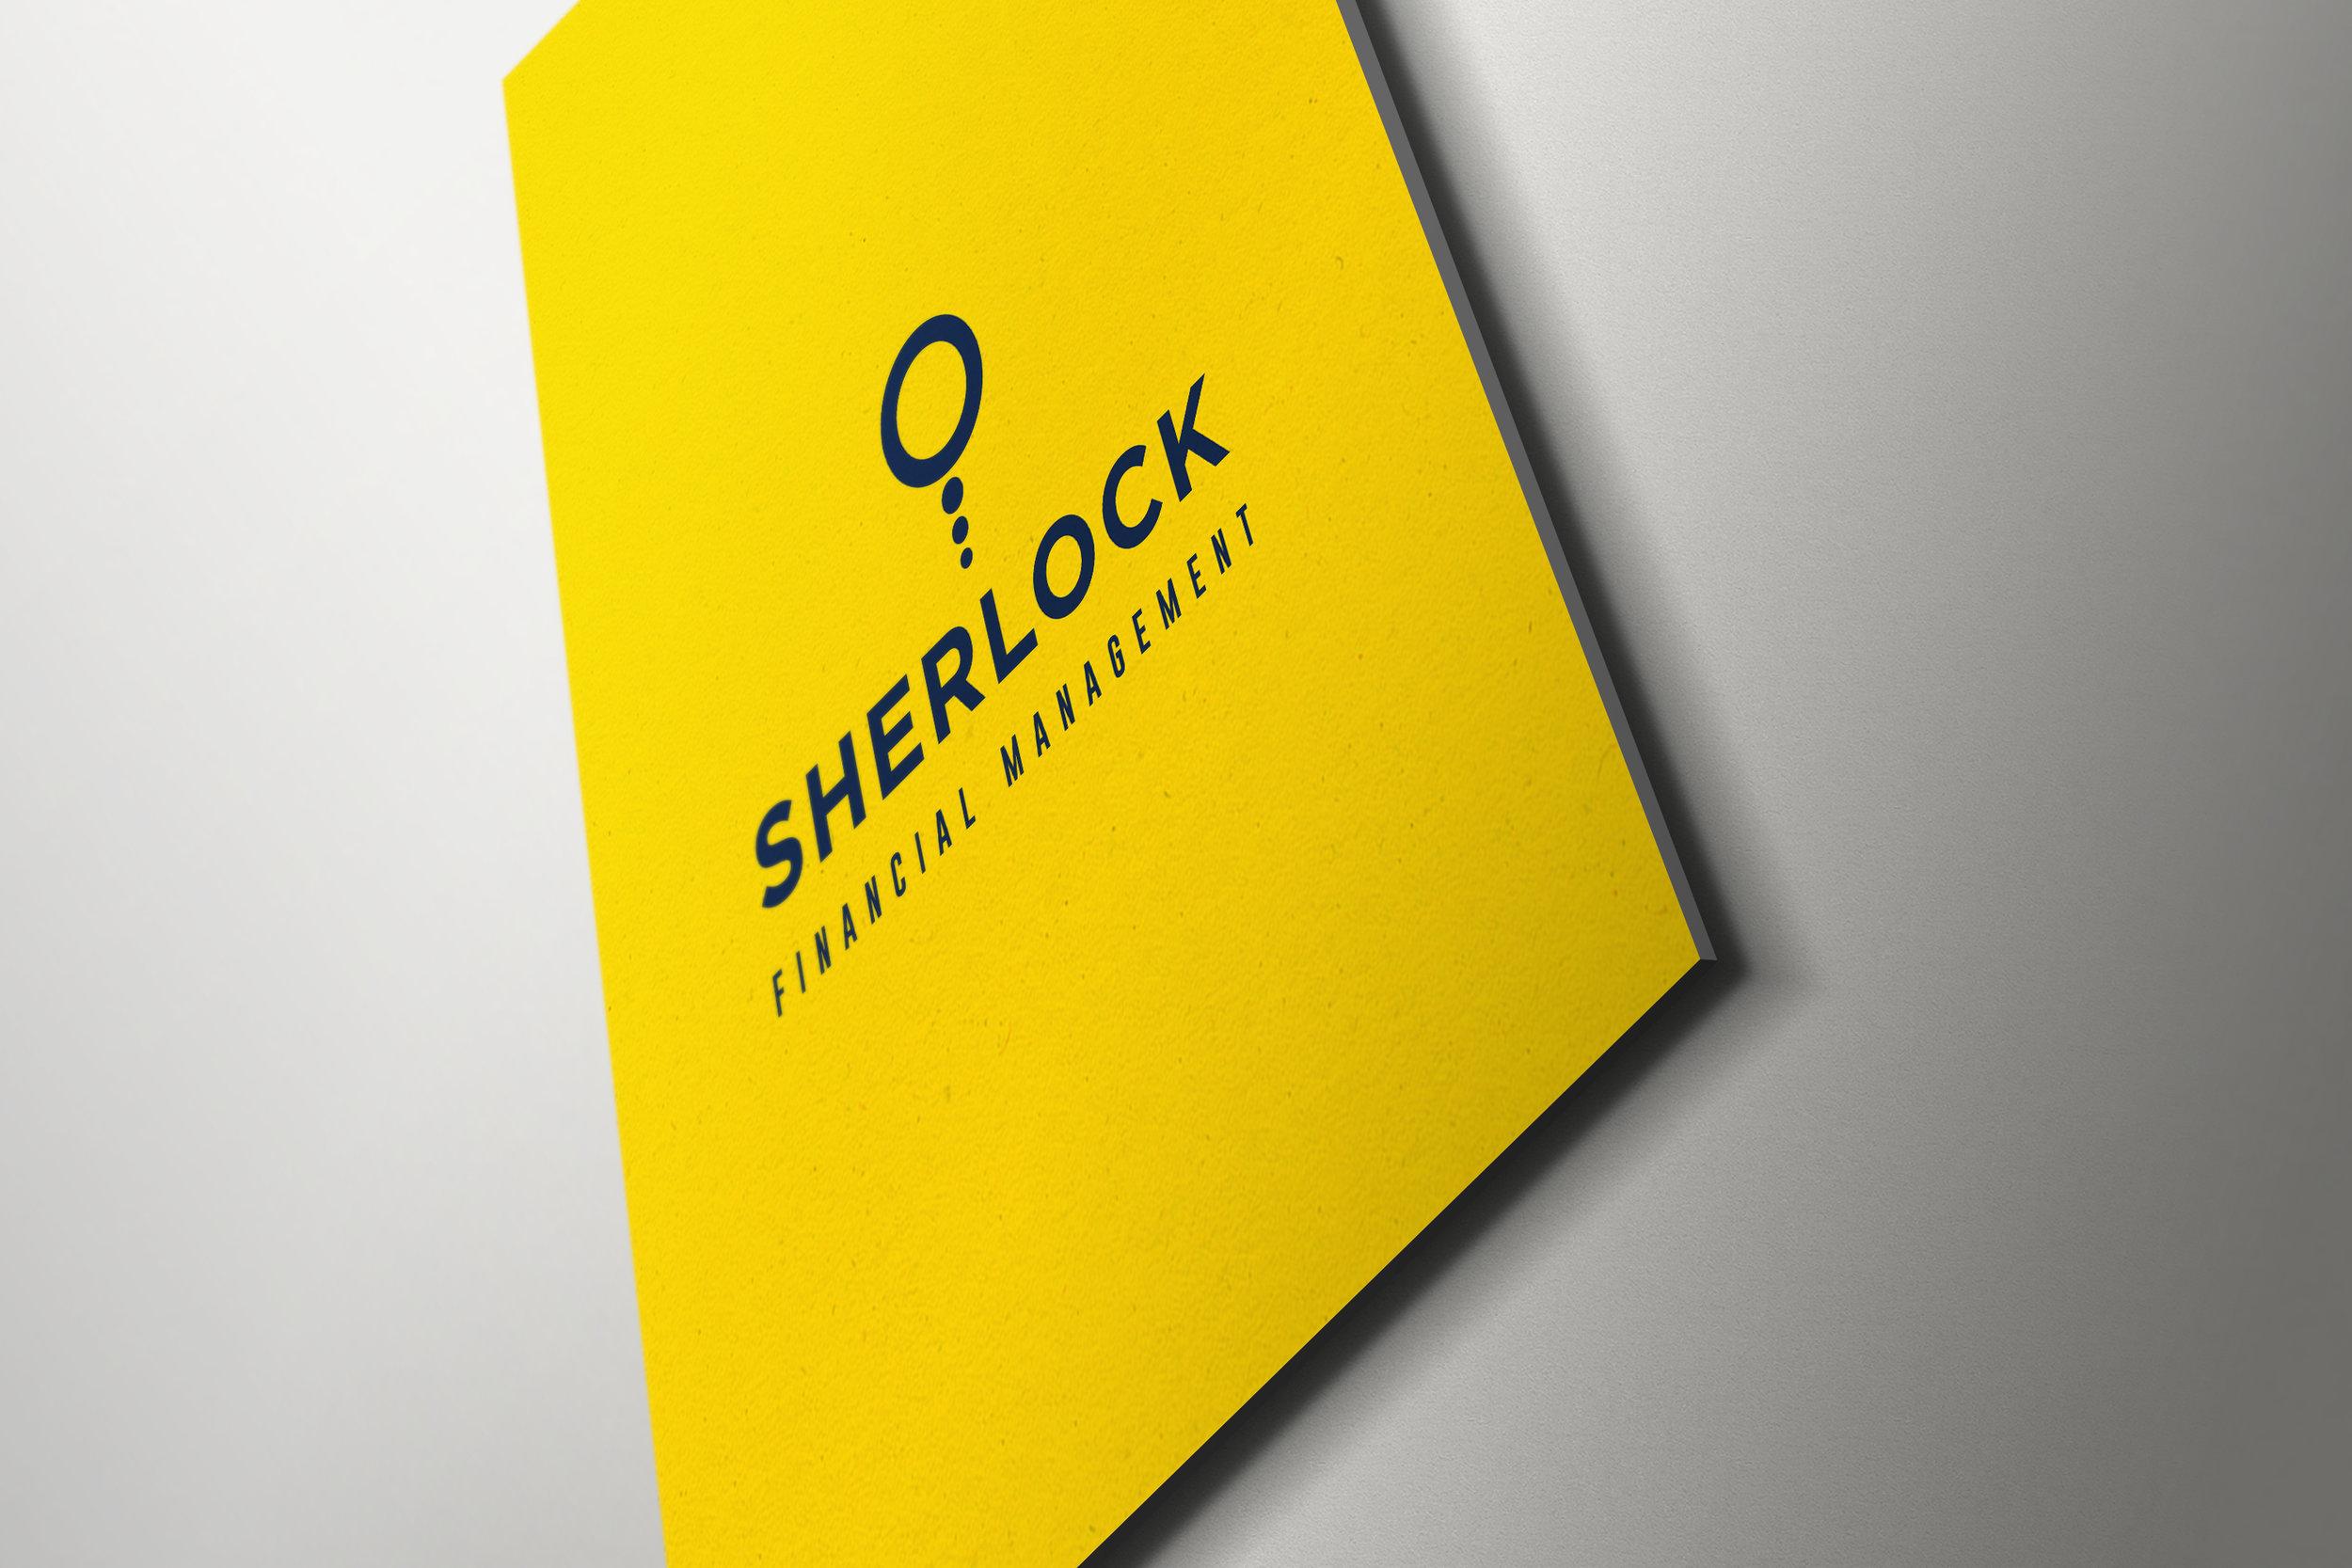 Sherlock_branding.jpg